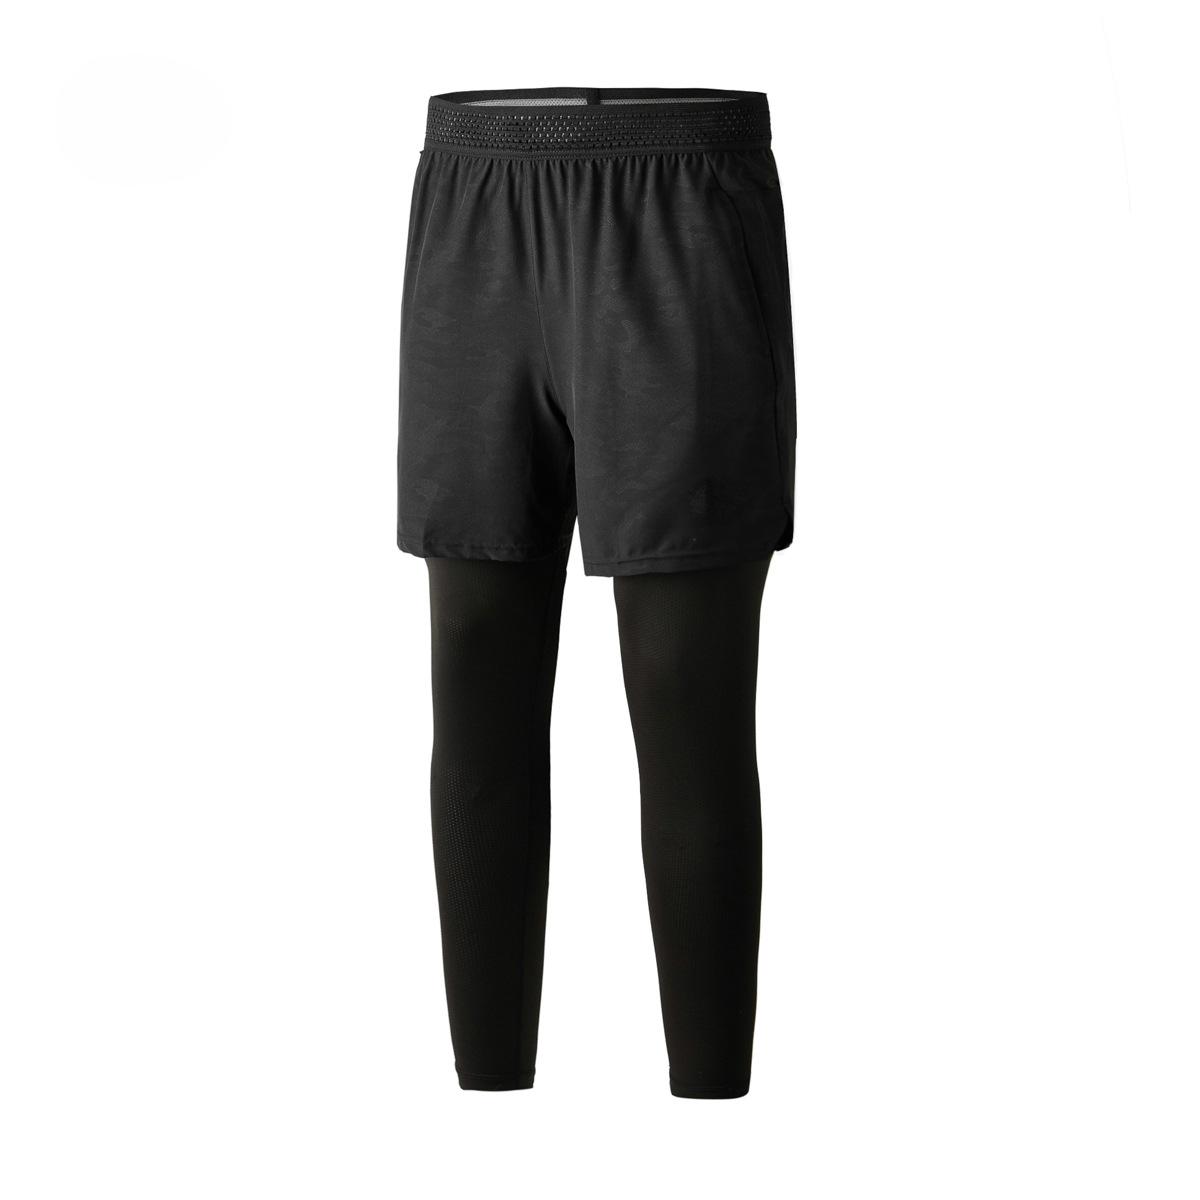 UA BRAV男短裤紧身裤假两件健身房训练运动跑步弹力束脚压缩裤长